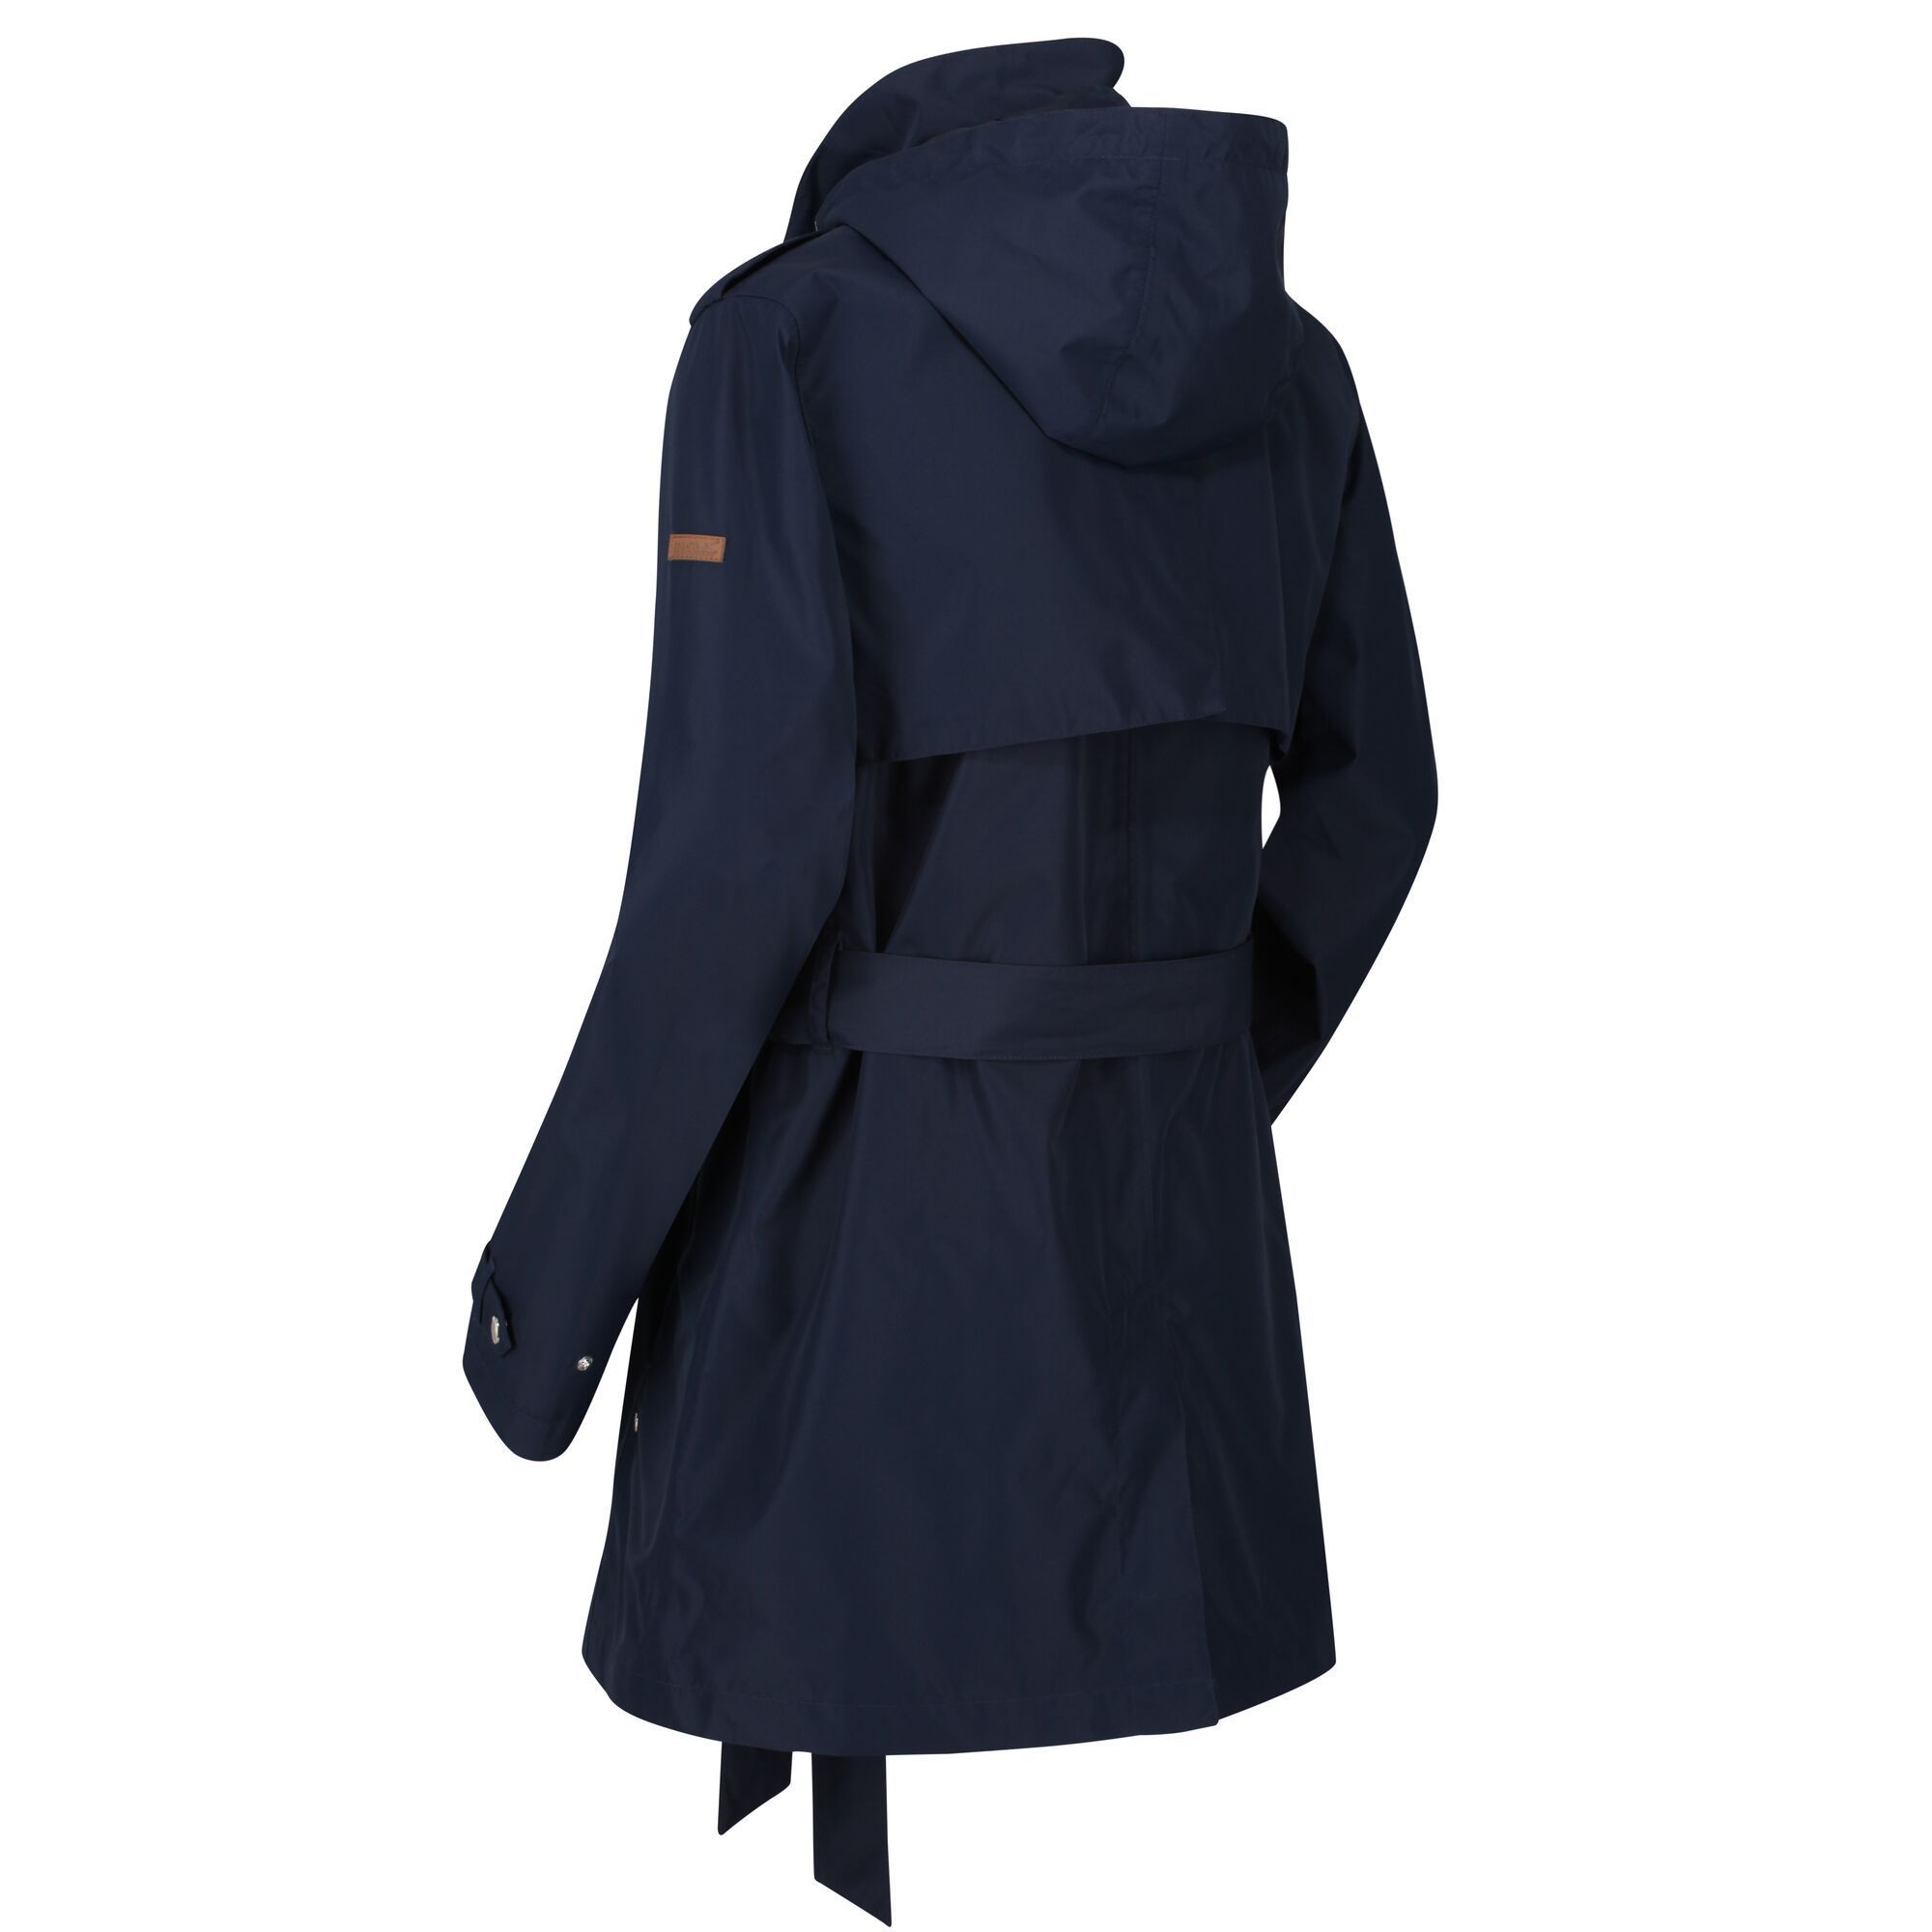 Regatta Womens/Ladies Garbo Long Length Waterproof Jacket